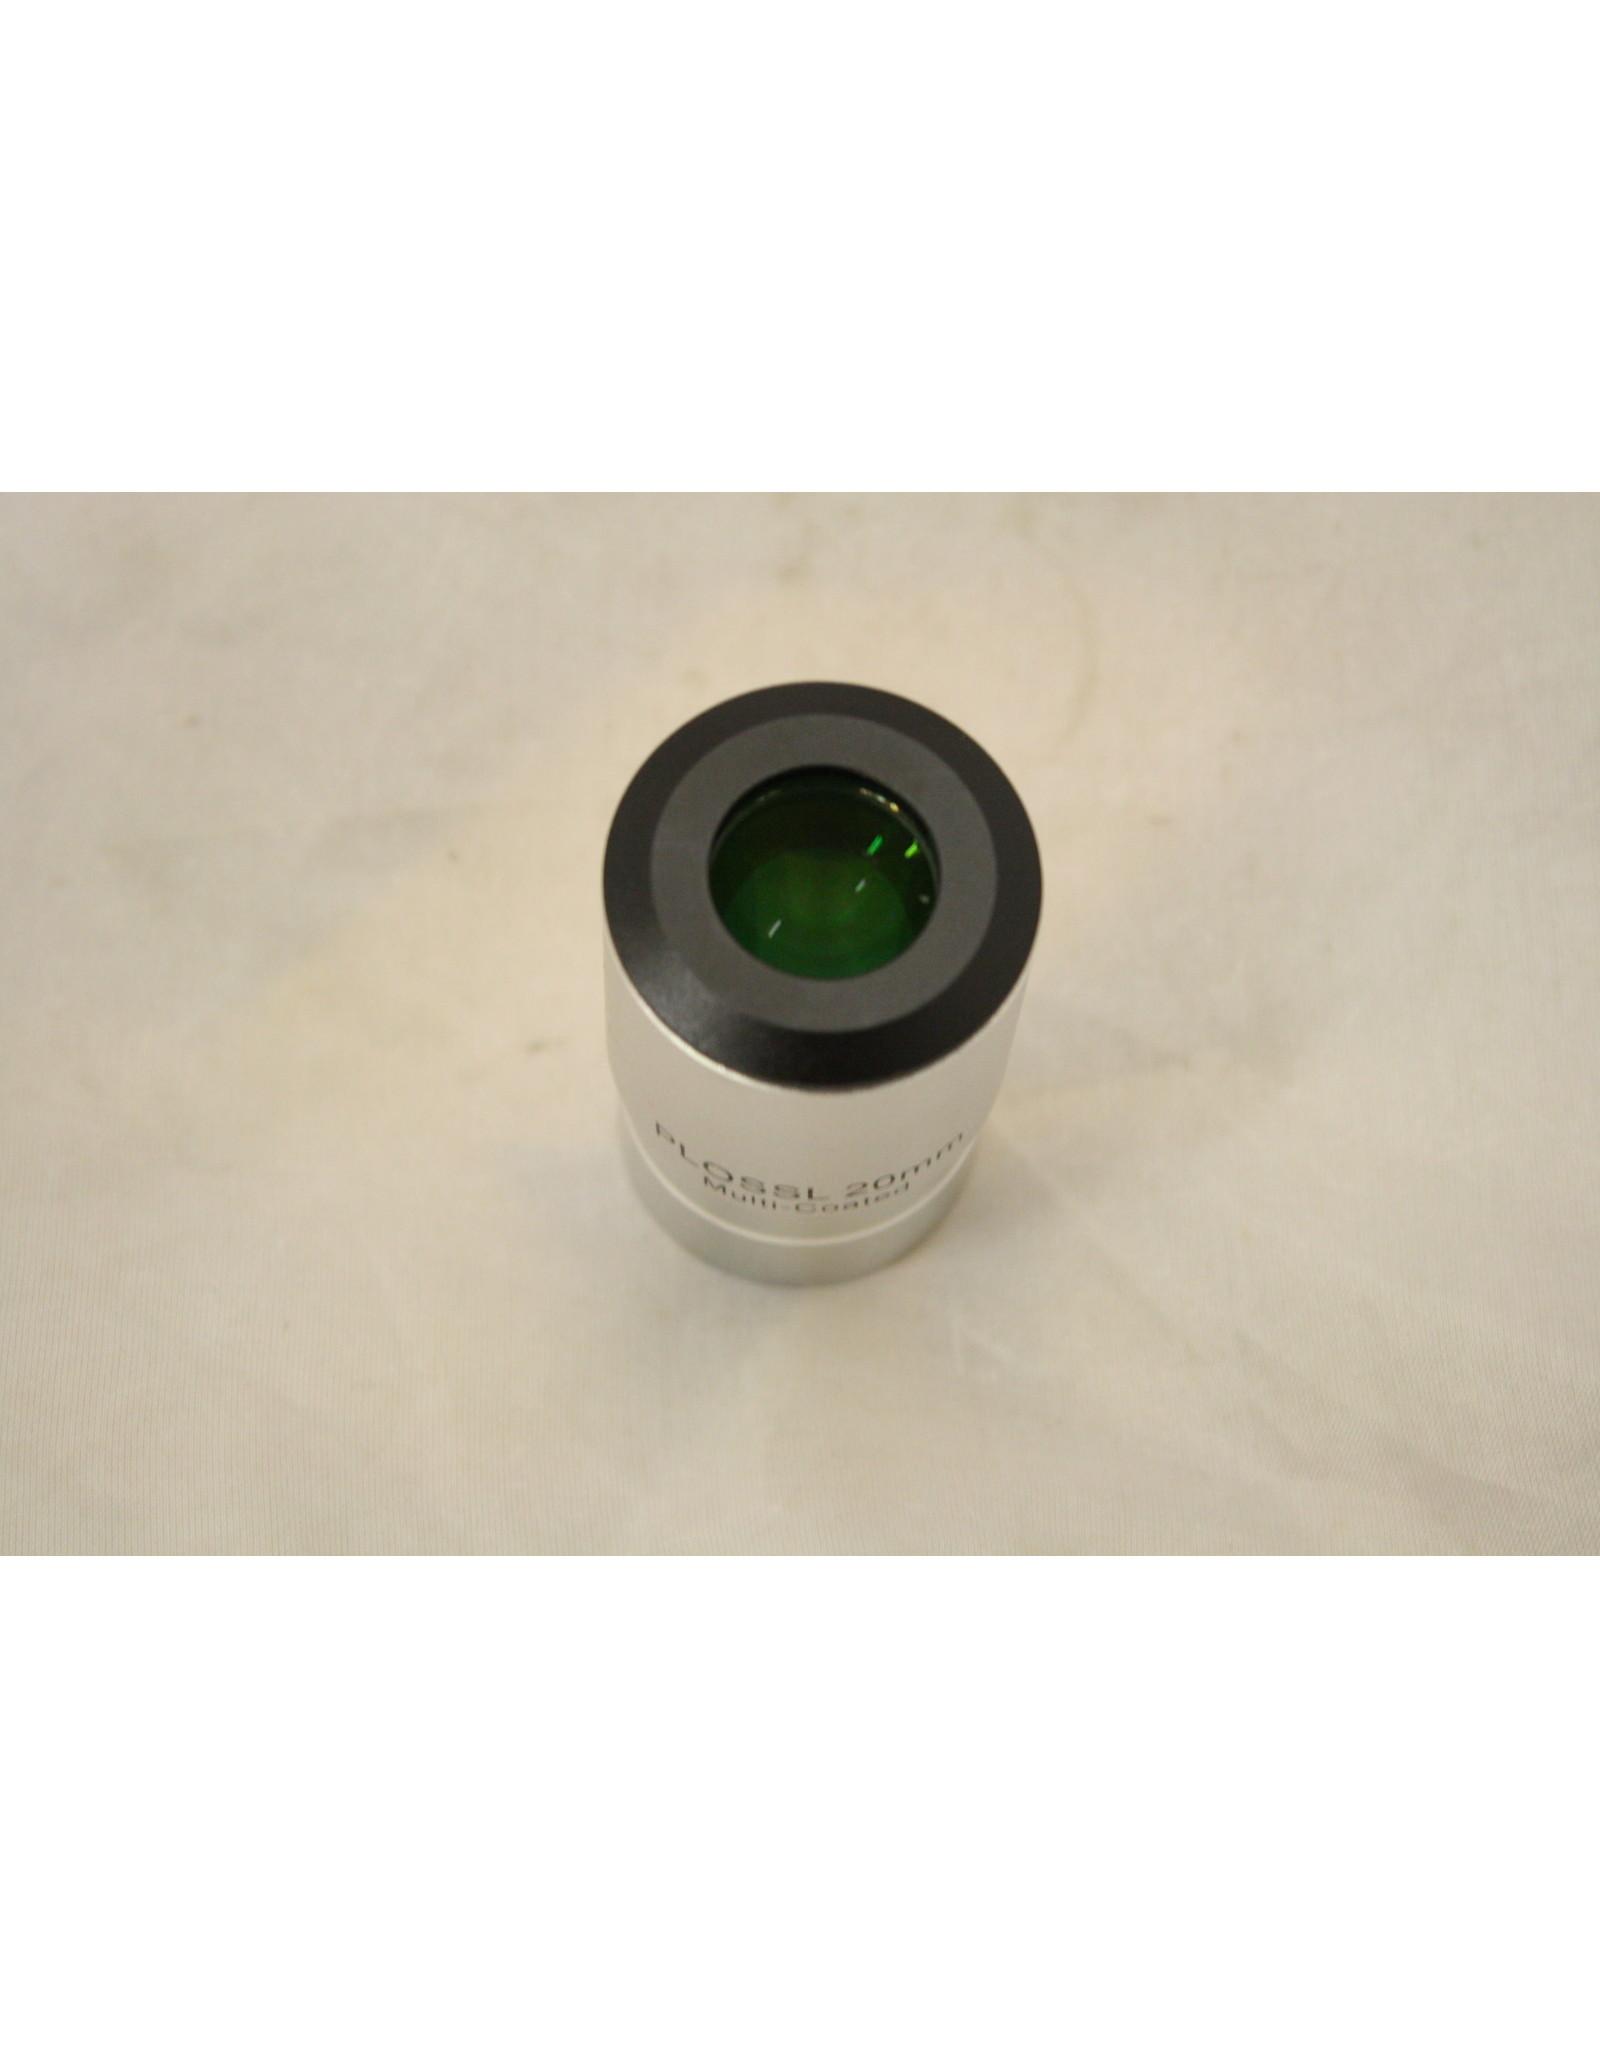 20mm Plossl Eyepiece - 1.25 Inch